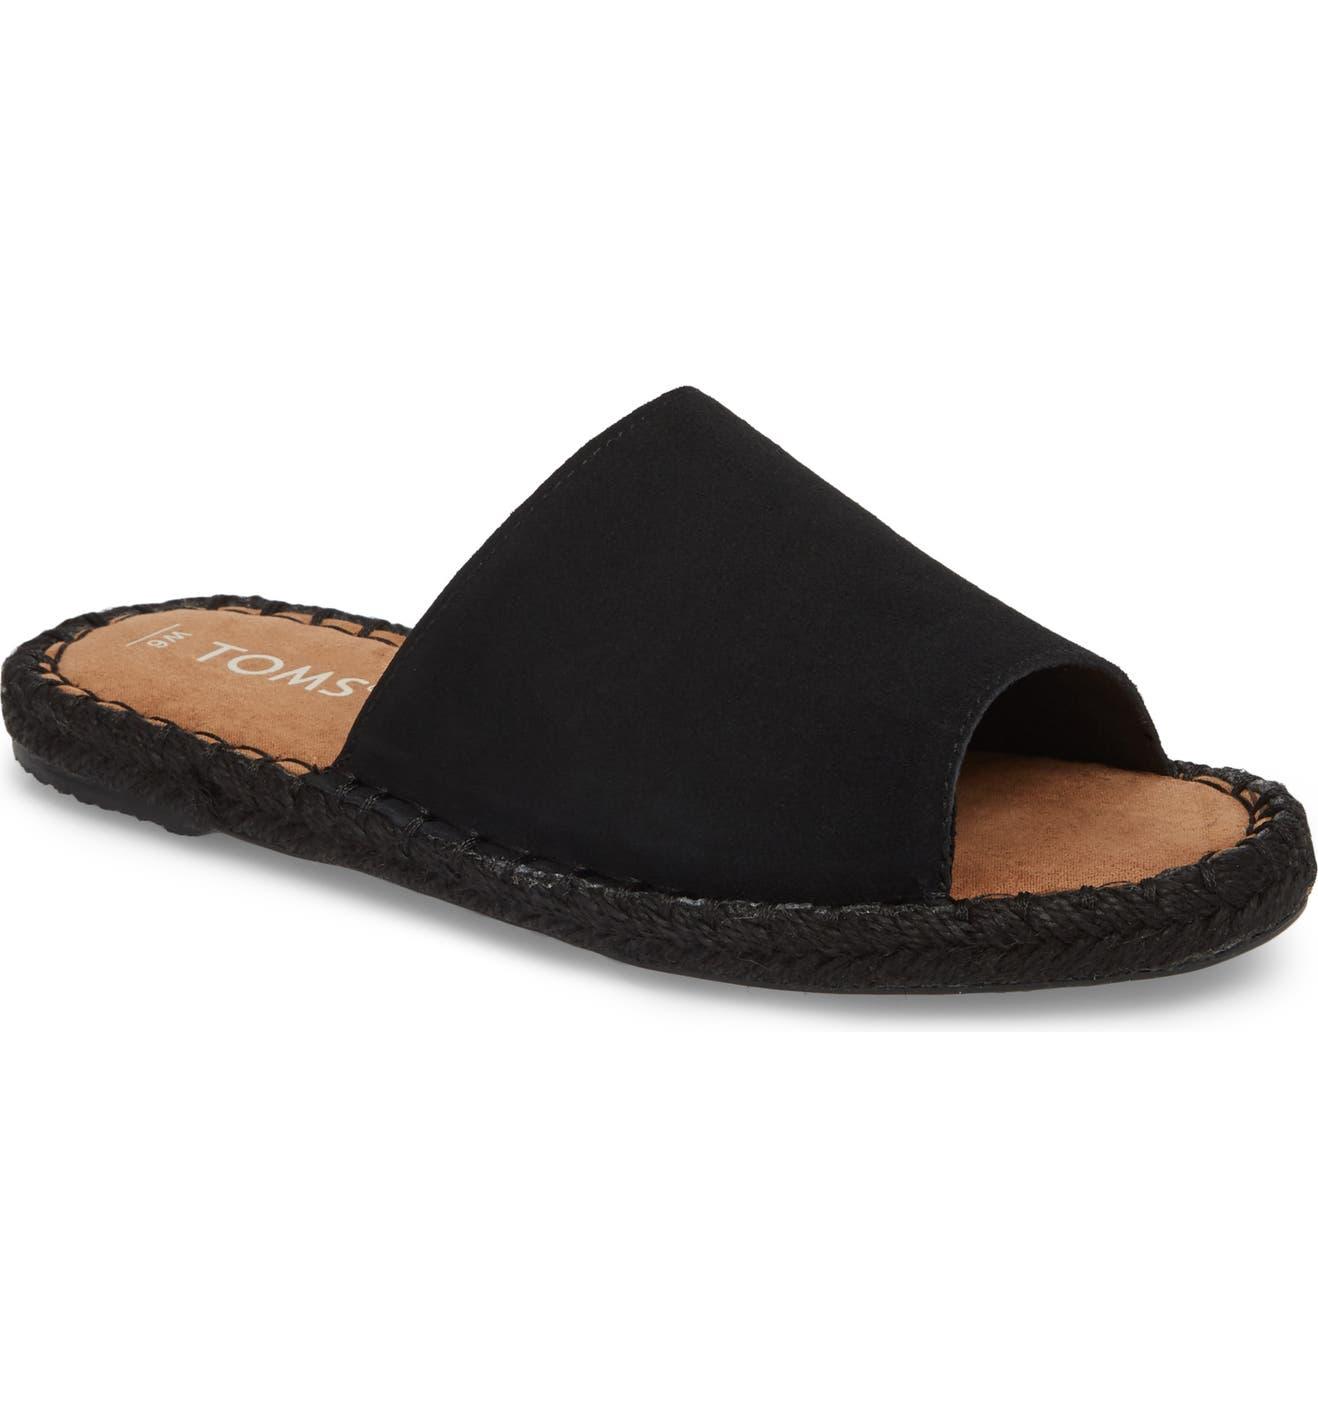 d0ed1d61cba TOMS Clarita Espadrille Slide Sandal (Women)